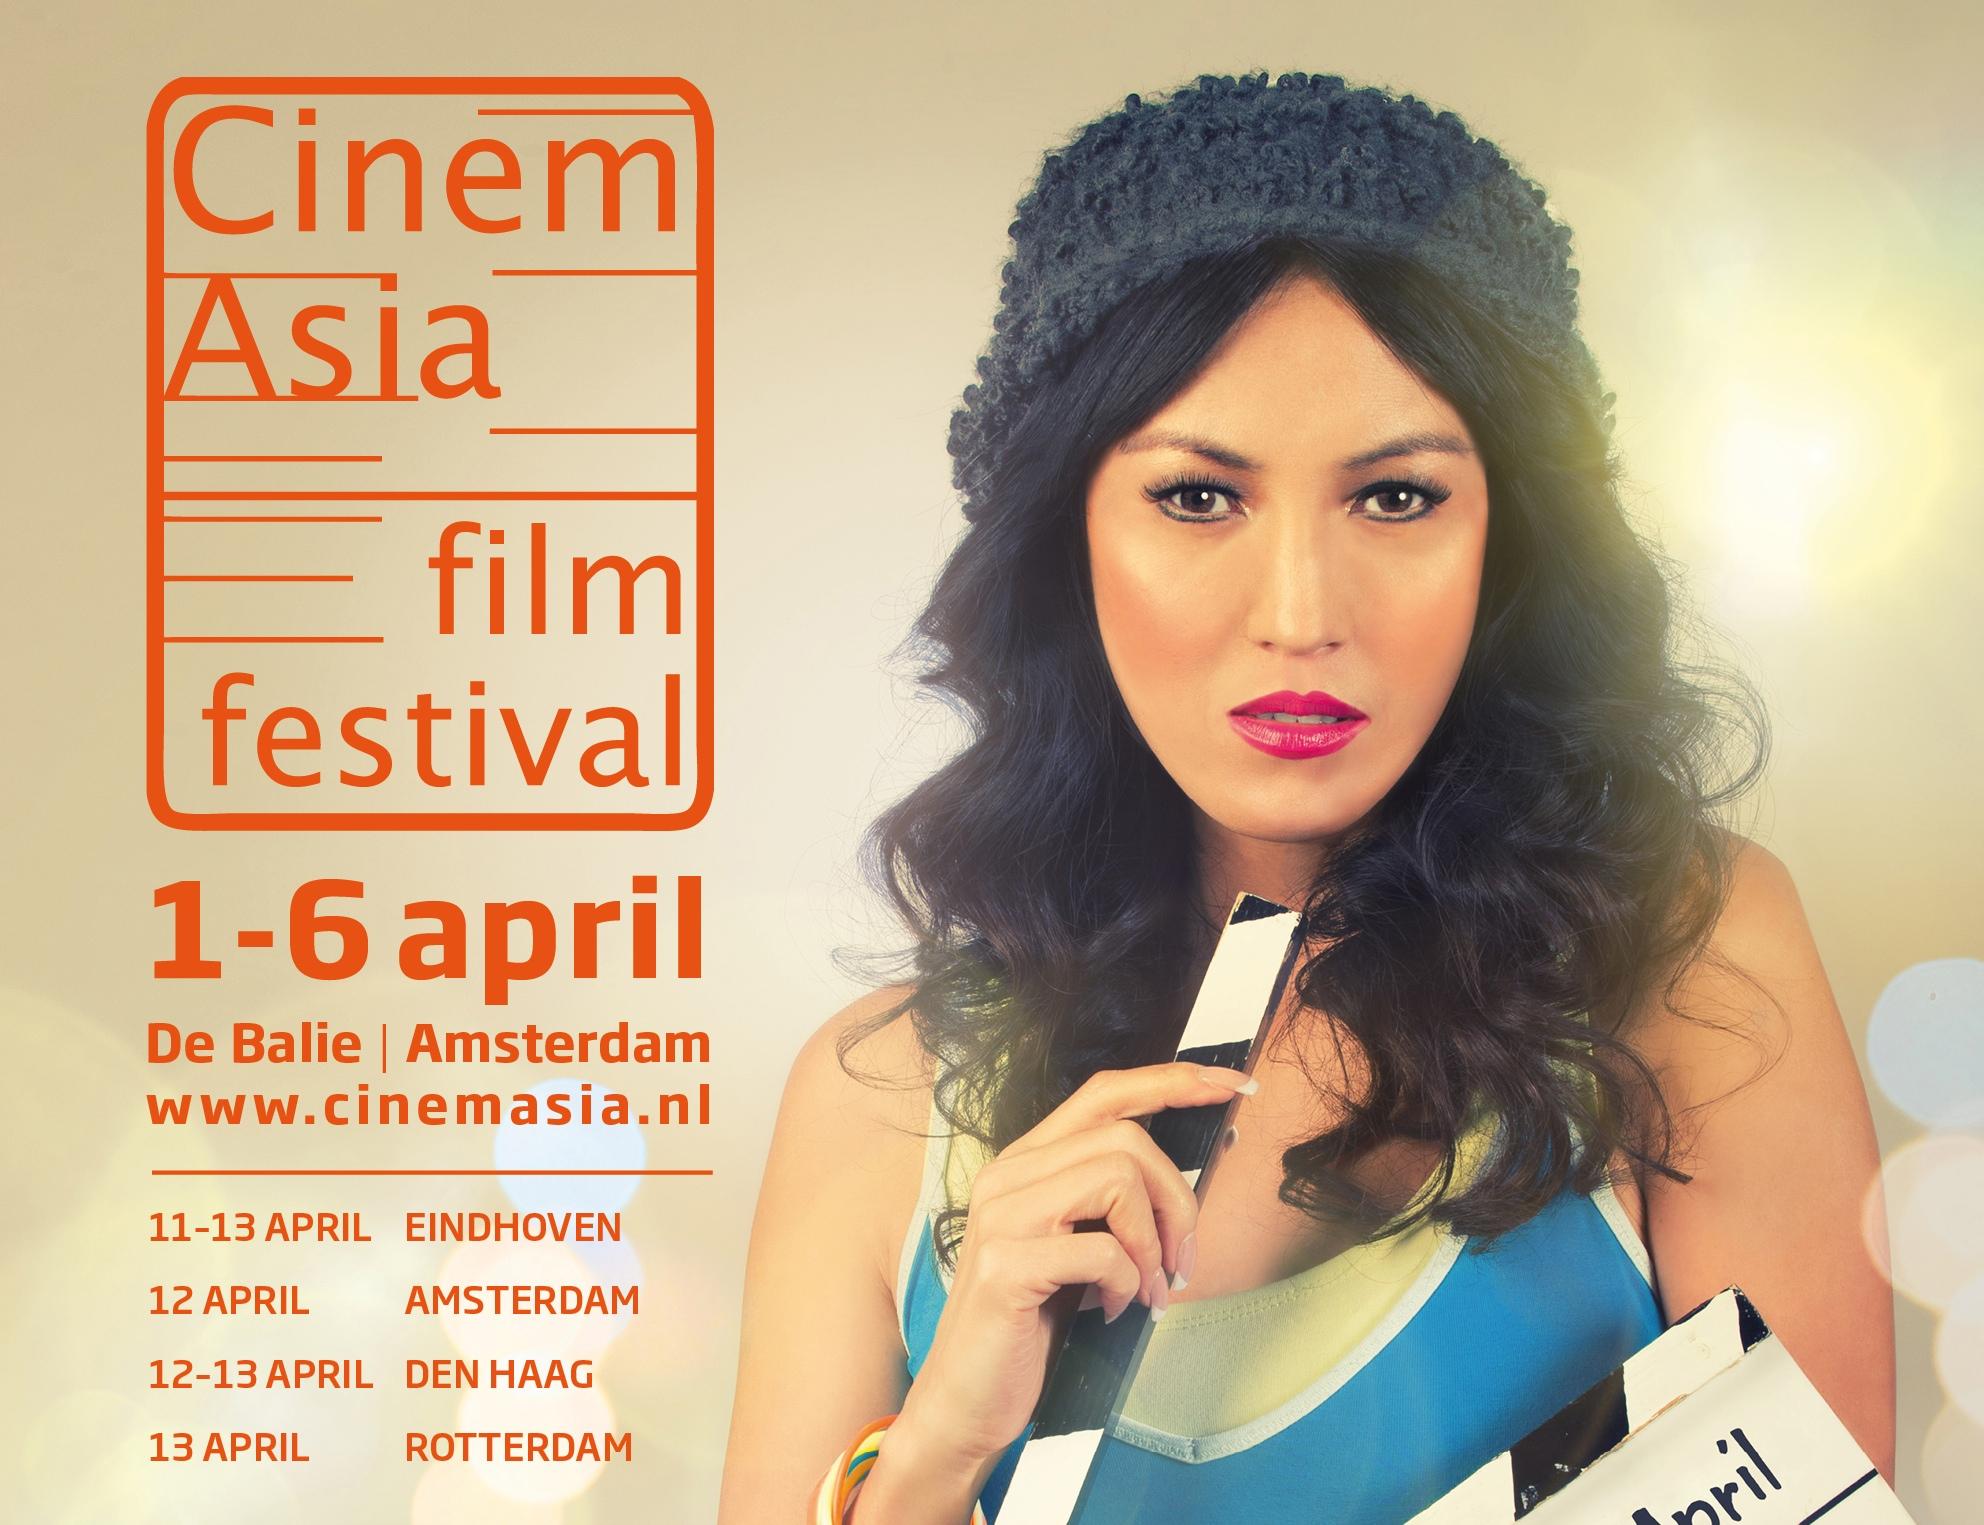 Indisch 3.0 CinemAsia actie 2014: deel je film met twee vrienden